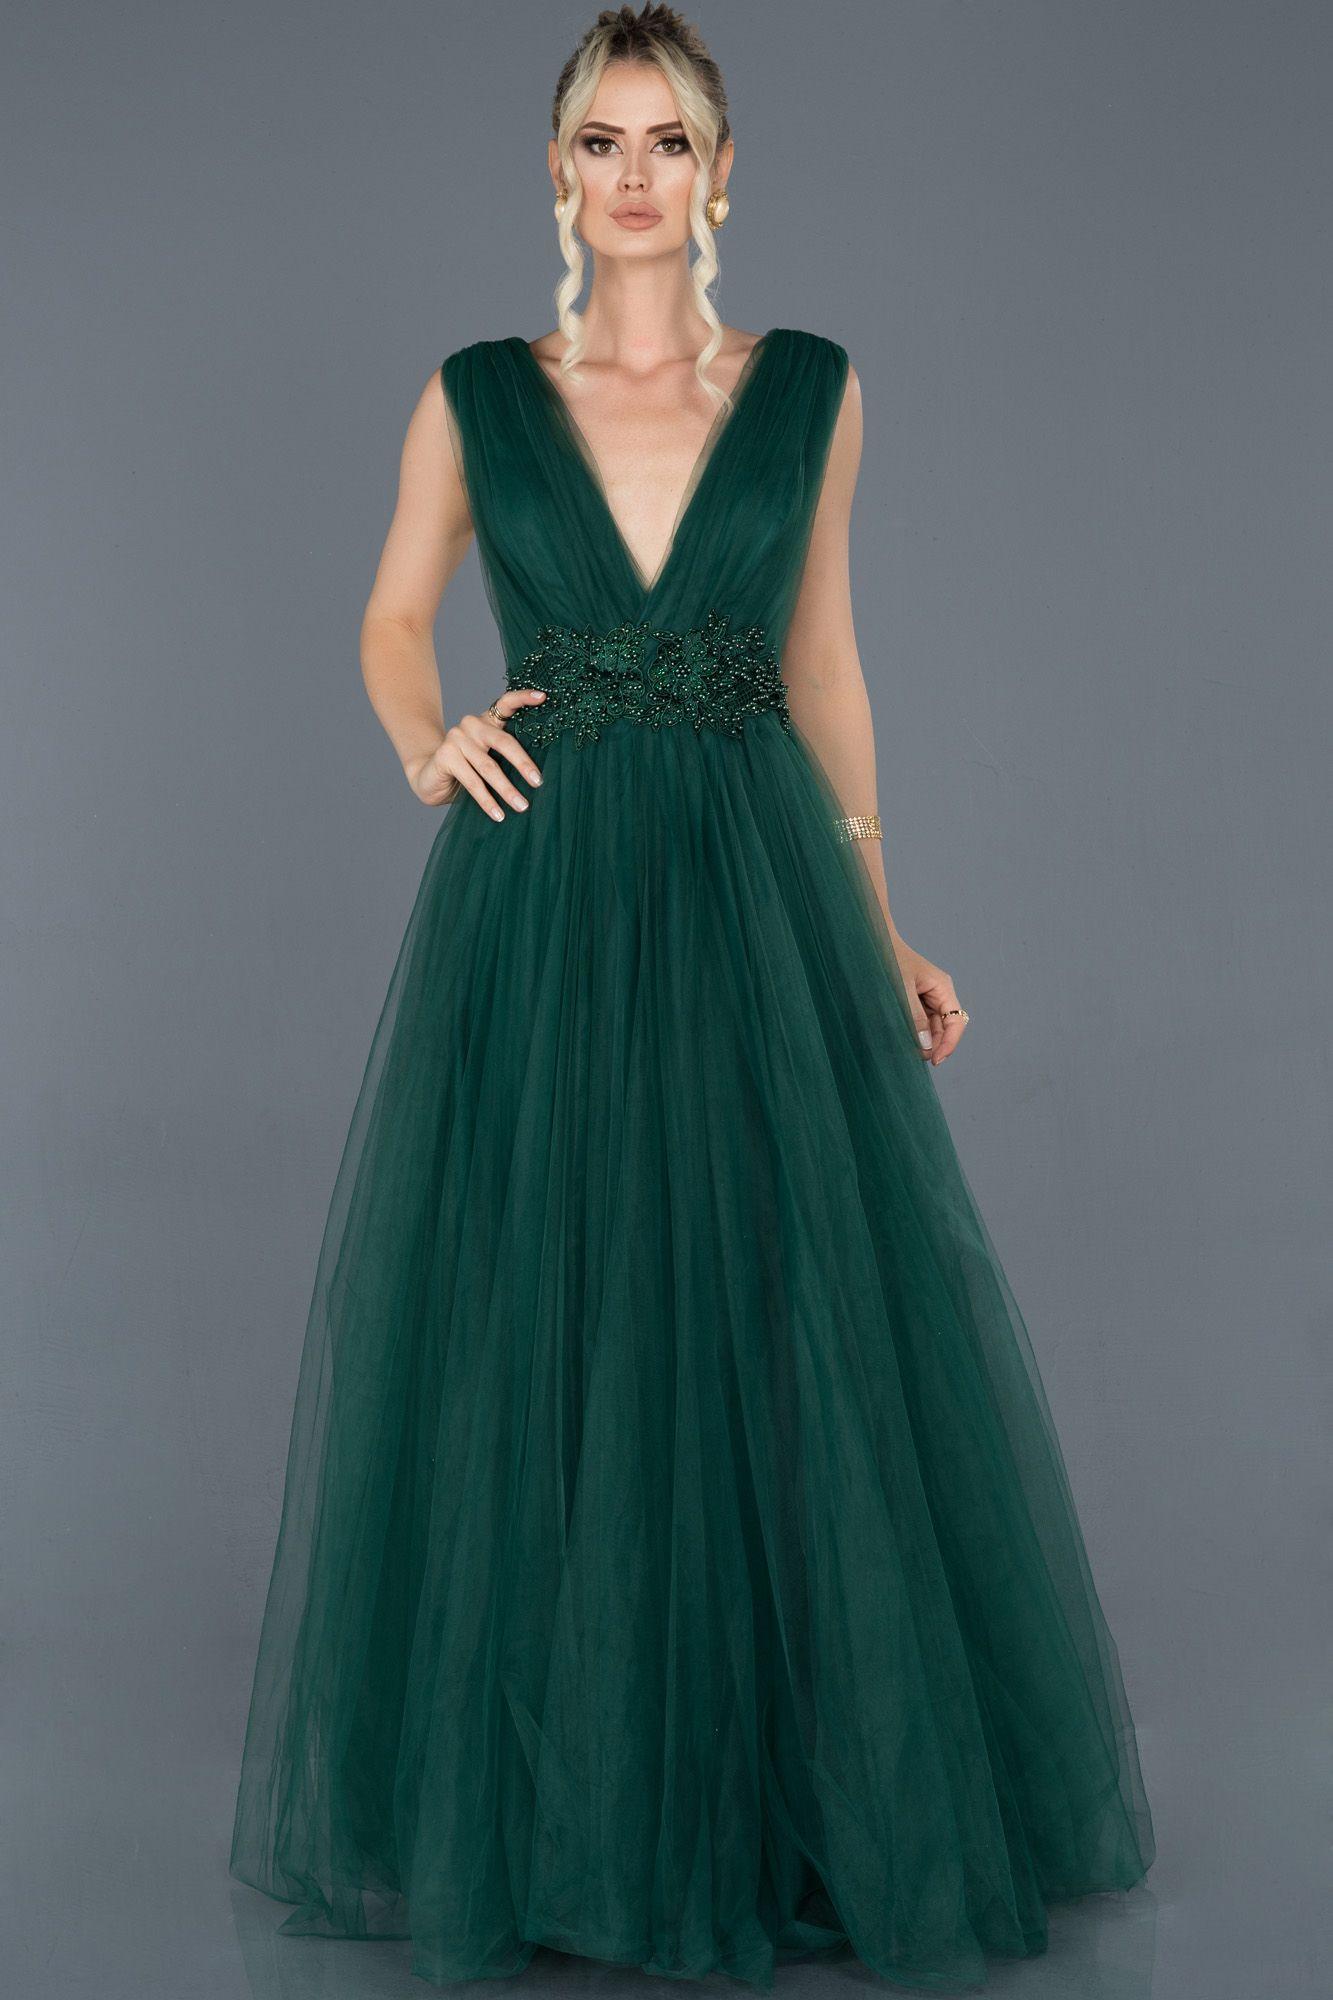 Zumrut Yesili Uzun Gogus Dekolteli Tul Abiye Elbise Abu950 2020 Elbise Modelleri Elbiseler The Dress